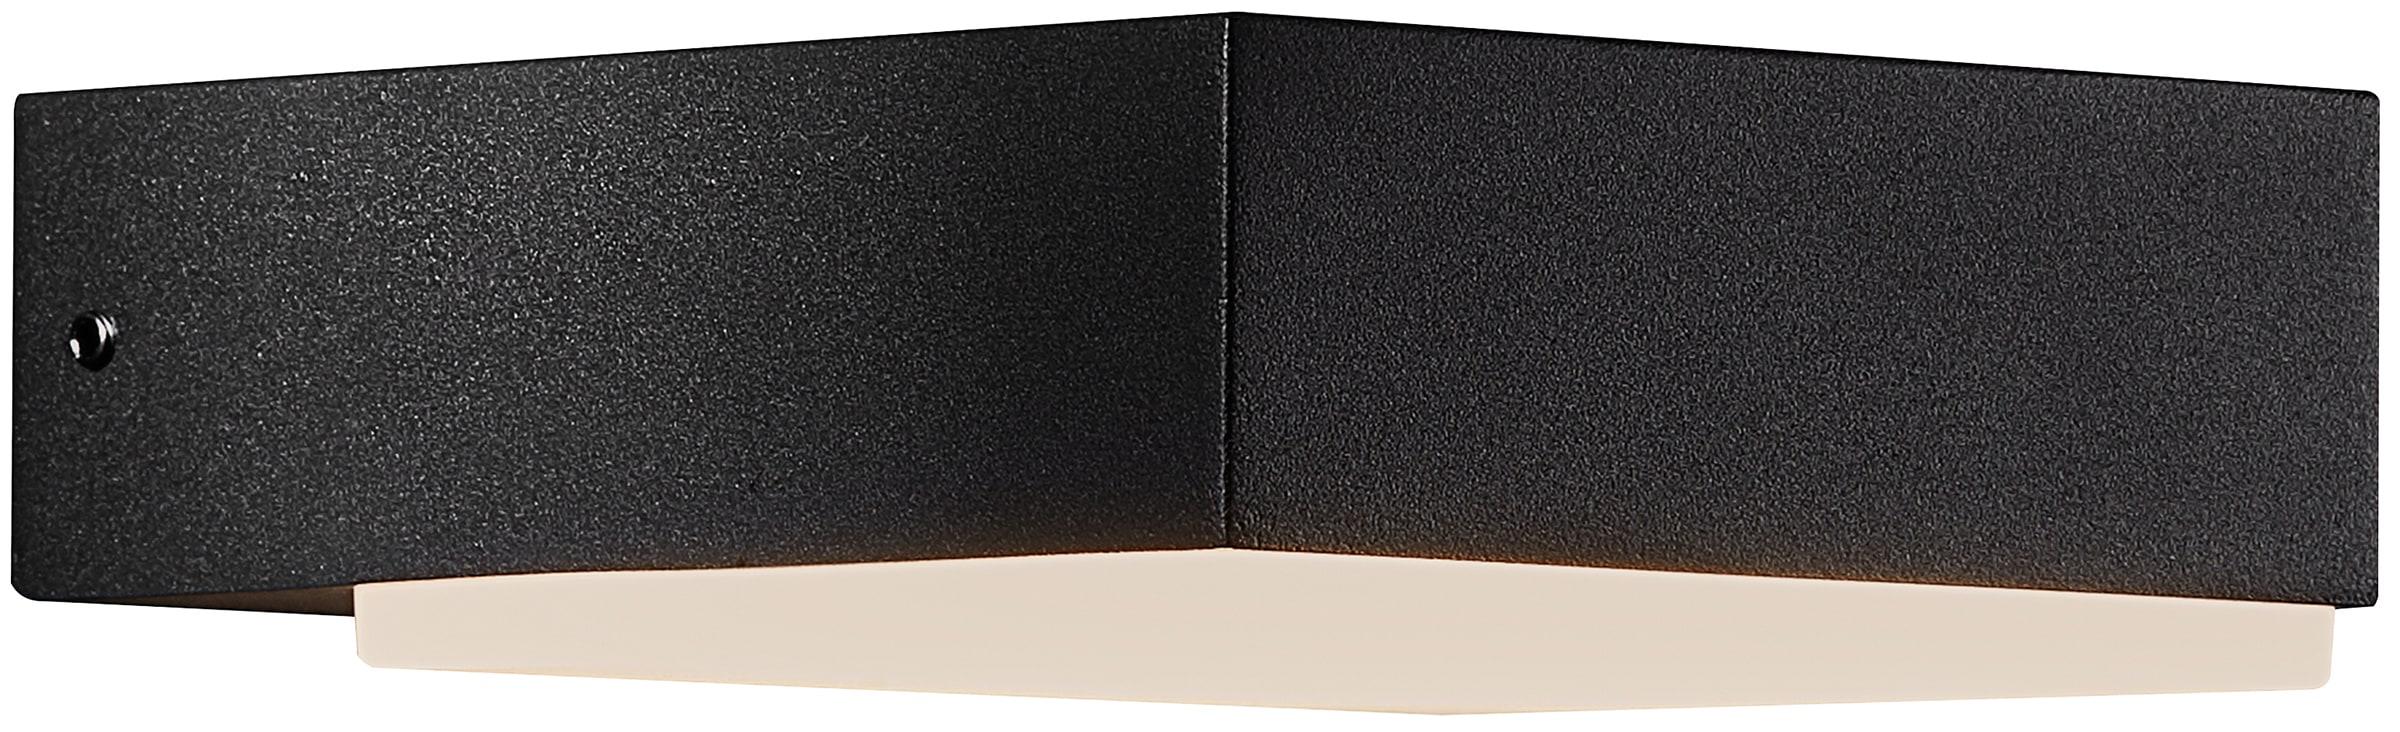 Nordlux LED Wandleuchte PIANA, LED-Modul, Innen und Außen Leuchte, 5 Jahre Garantie auf die LED